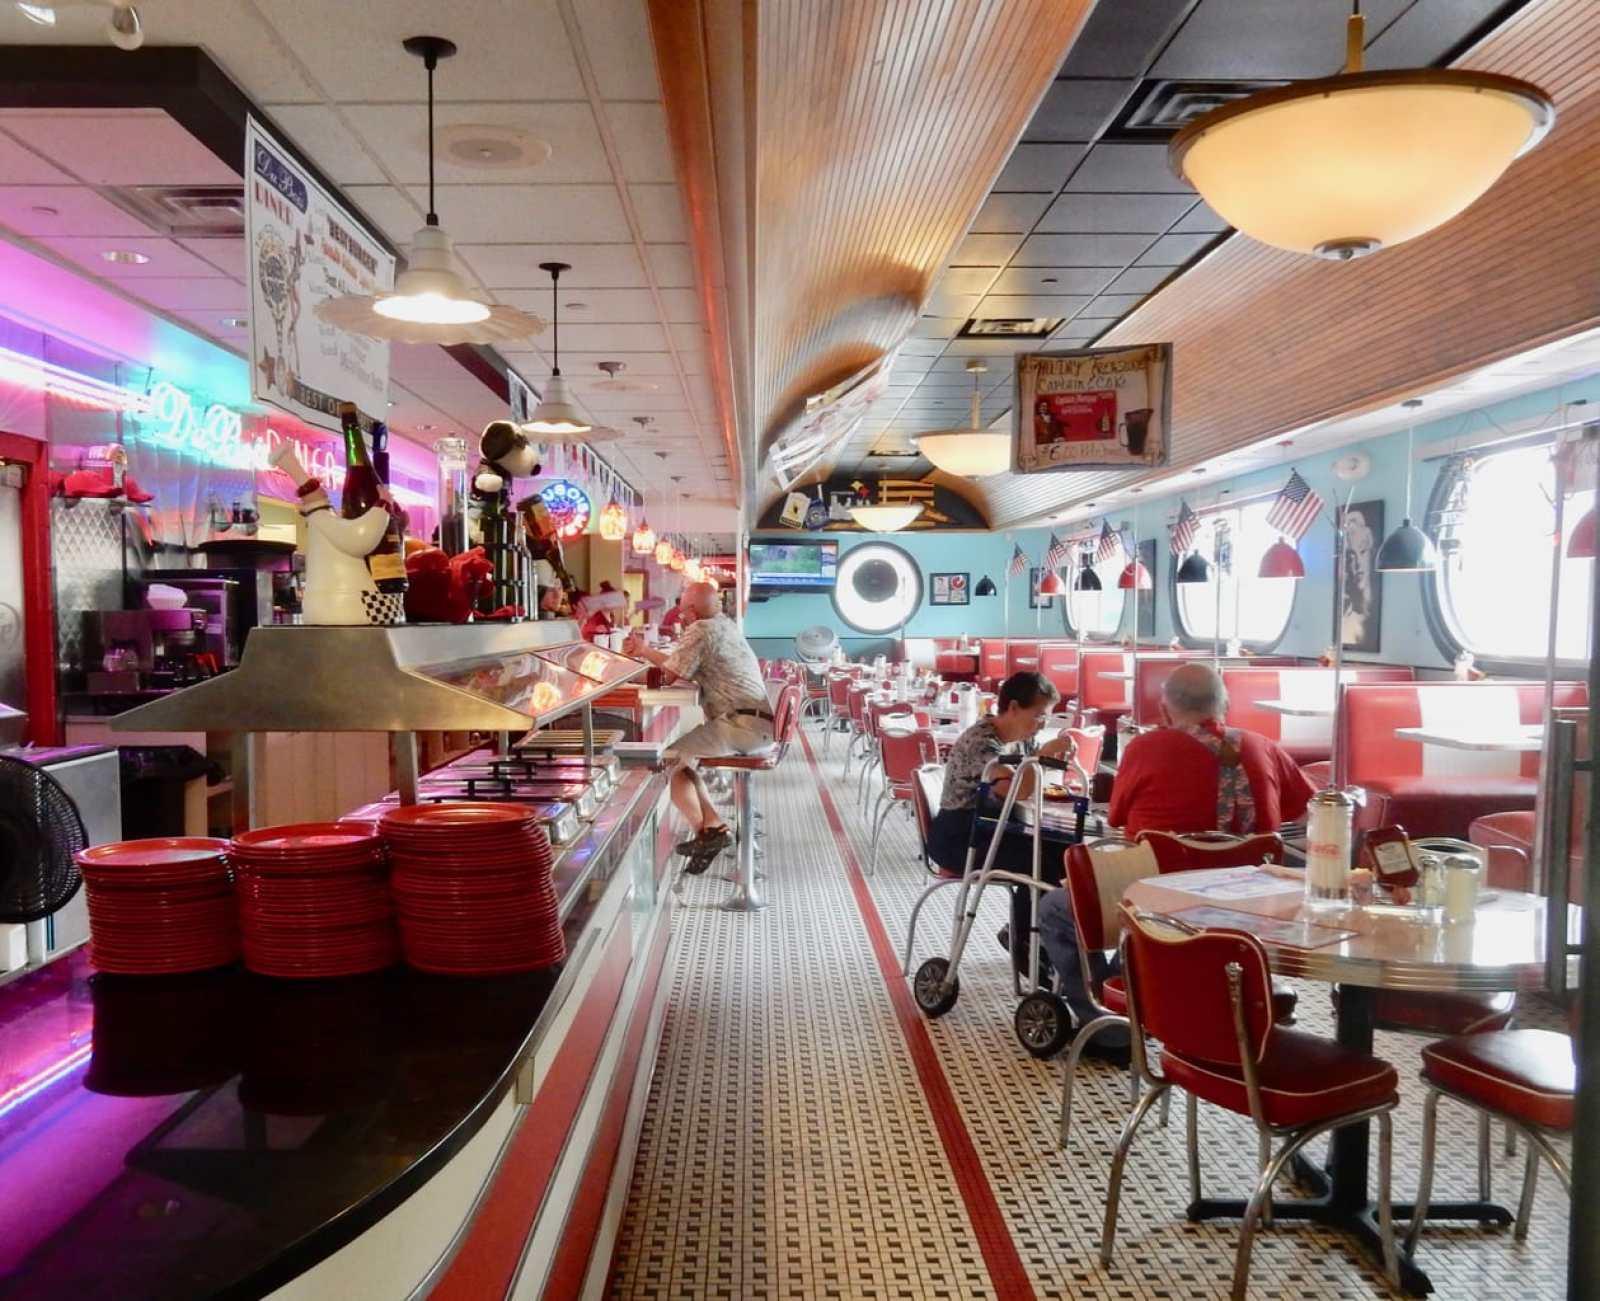 Dubois Diner Dubois PA